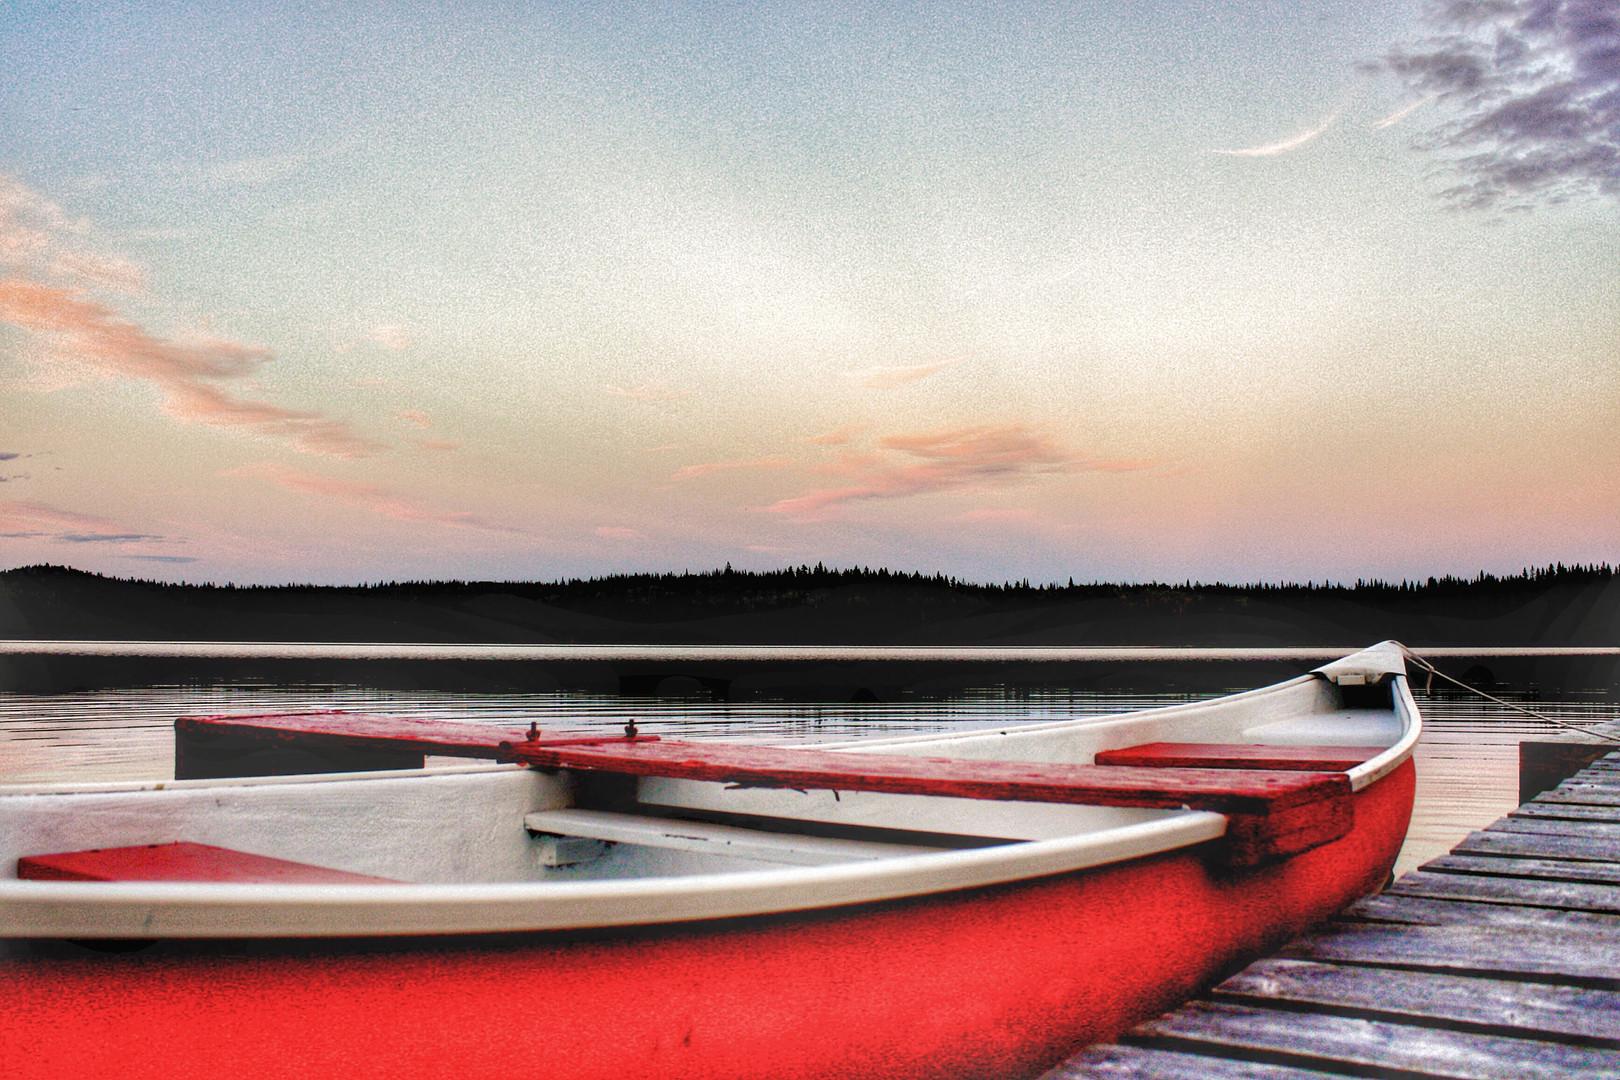 Sunset Cruise, Eugene Lake BC- Denise Wa